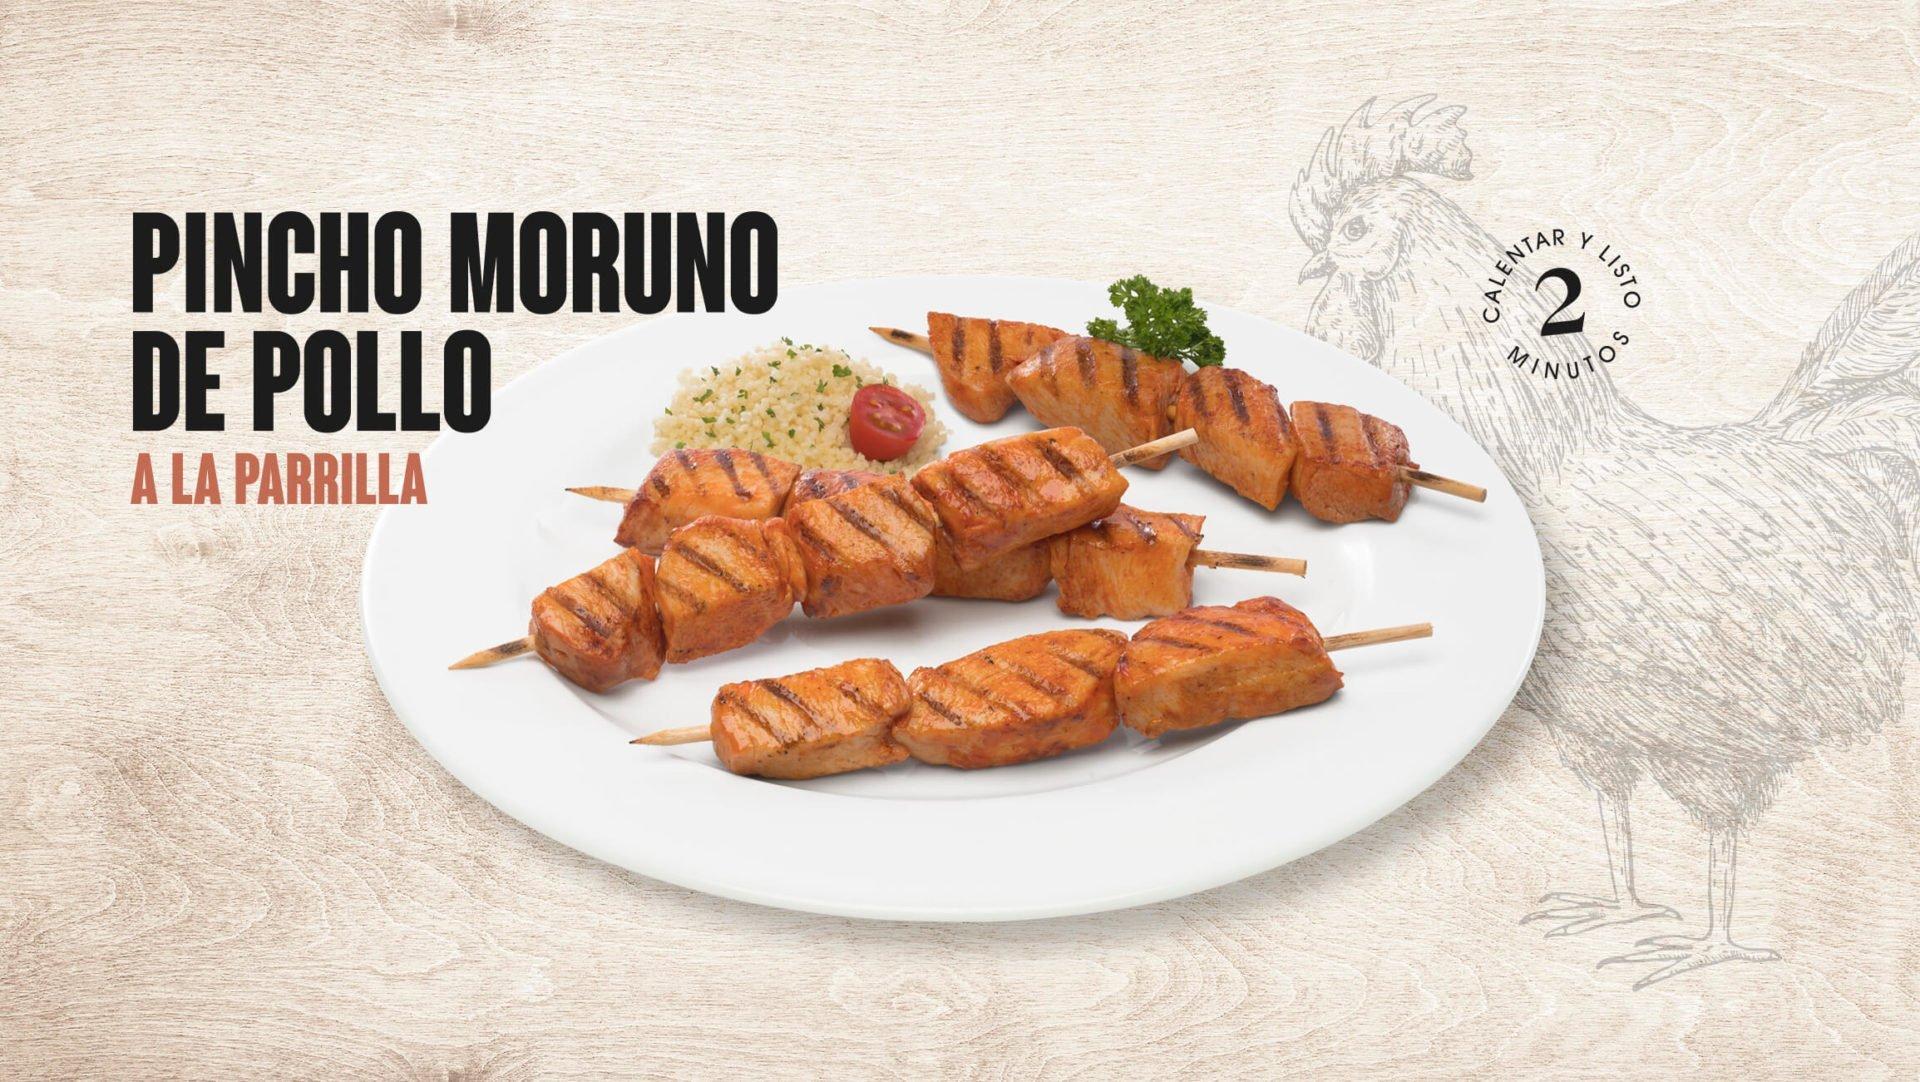 fotografía-pincho-moruno-pollo-calatayud-comida-sana-calentar-y-listo